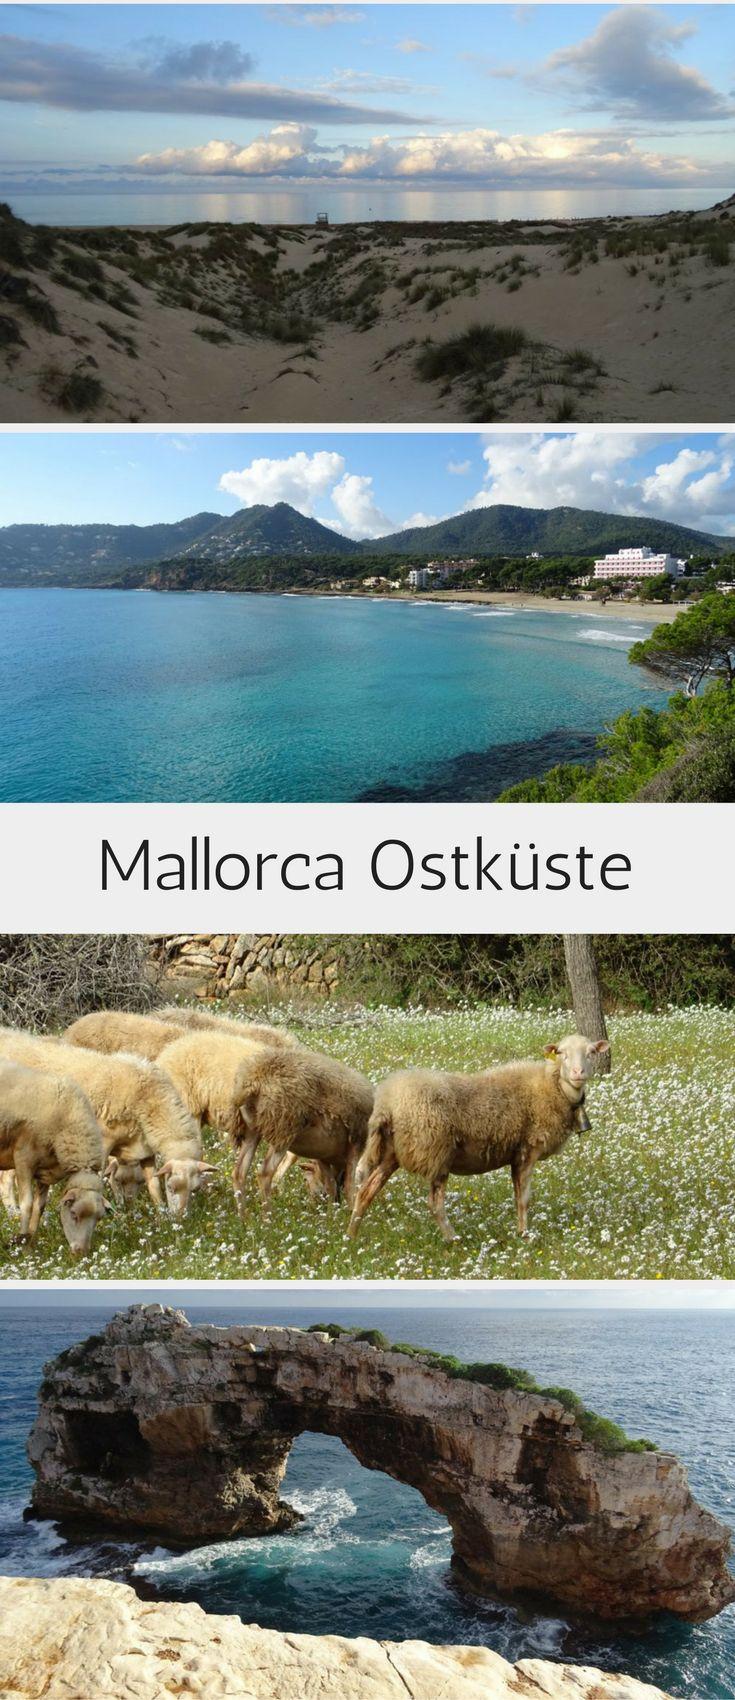 Mallorca im Winter: Tipps und Sehenswürdigkeiten für Mallorcas Ostküste! Wandern, Burgen besichtigen, Strände, Dünen und idyllische Buchten.